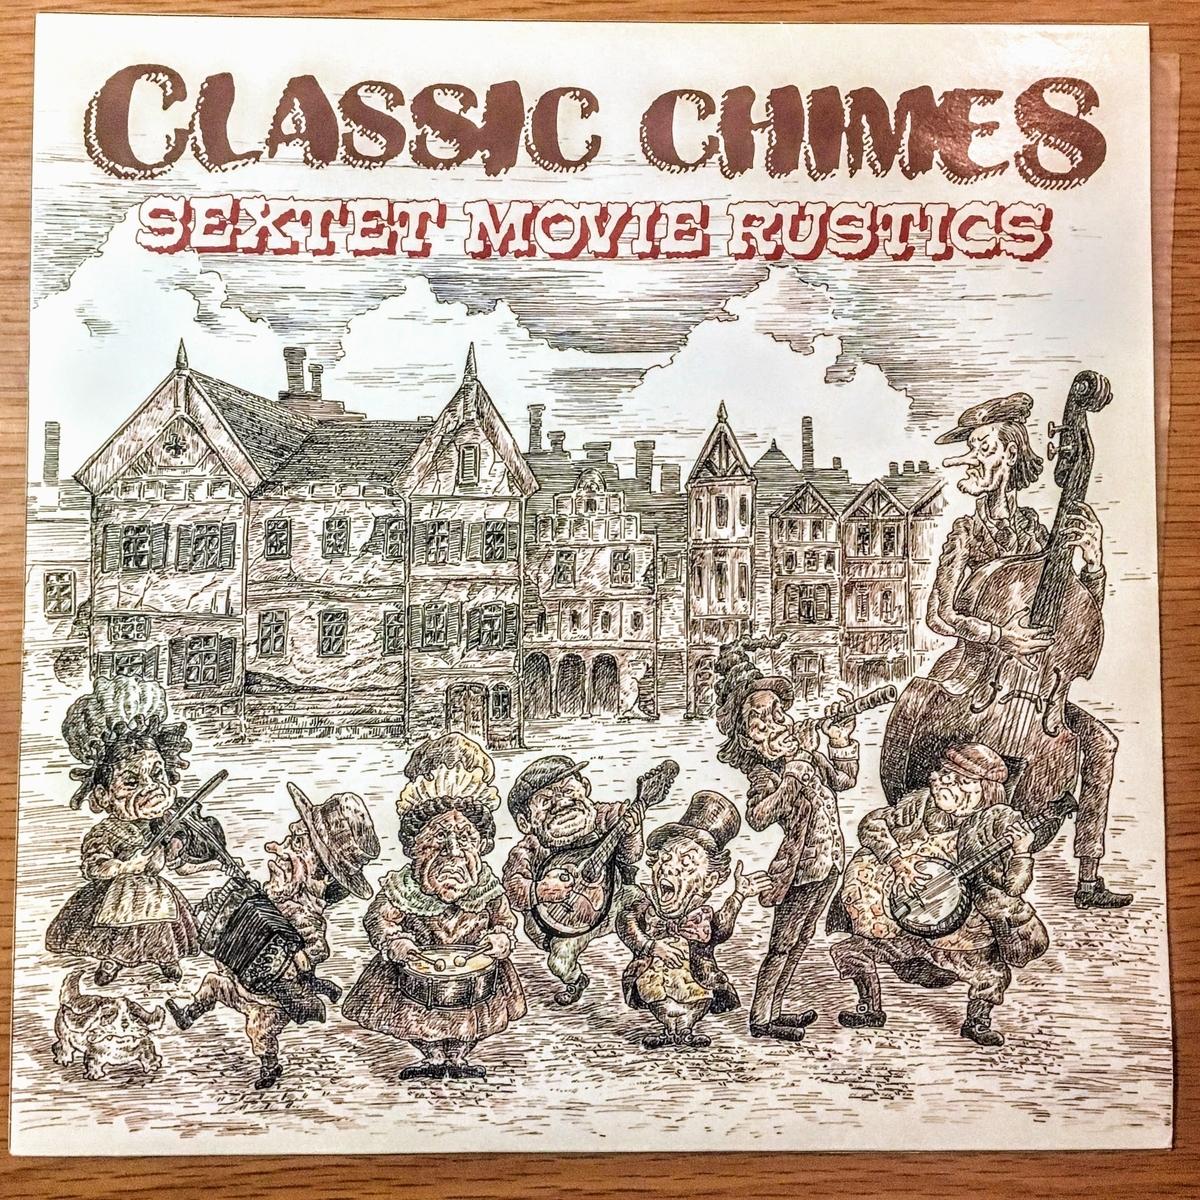 CLASSIC CHIMESのSEXTET MOVIE RUSTICS